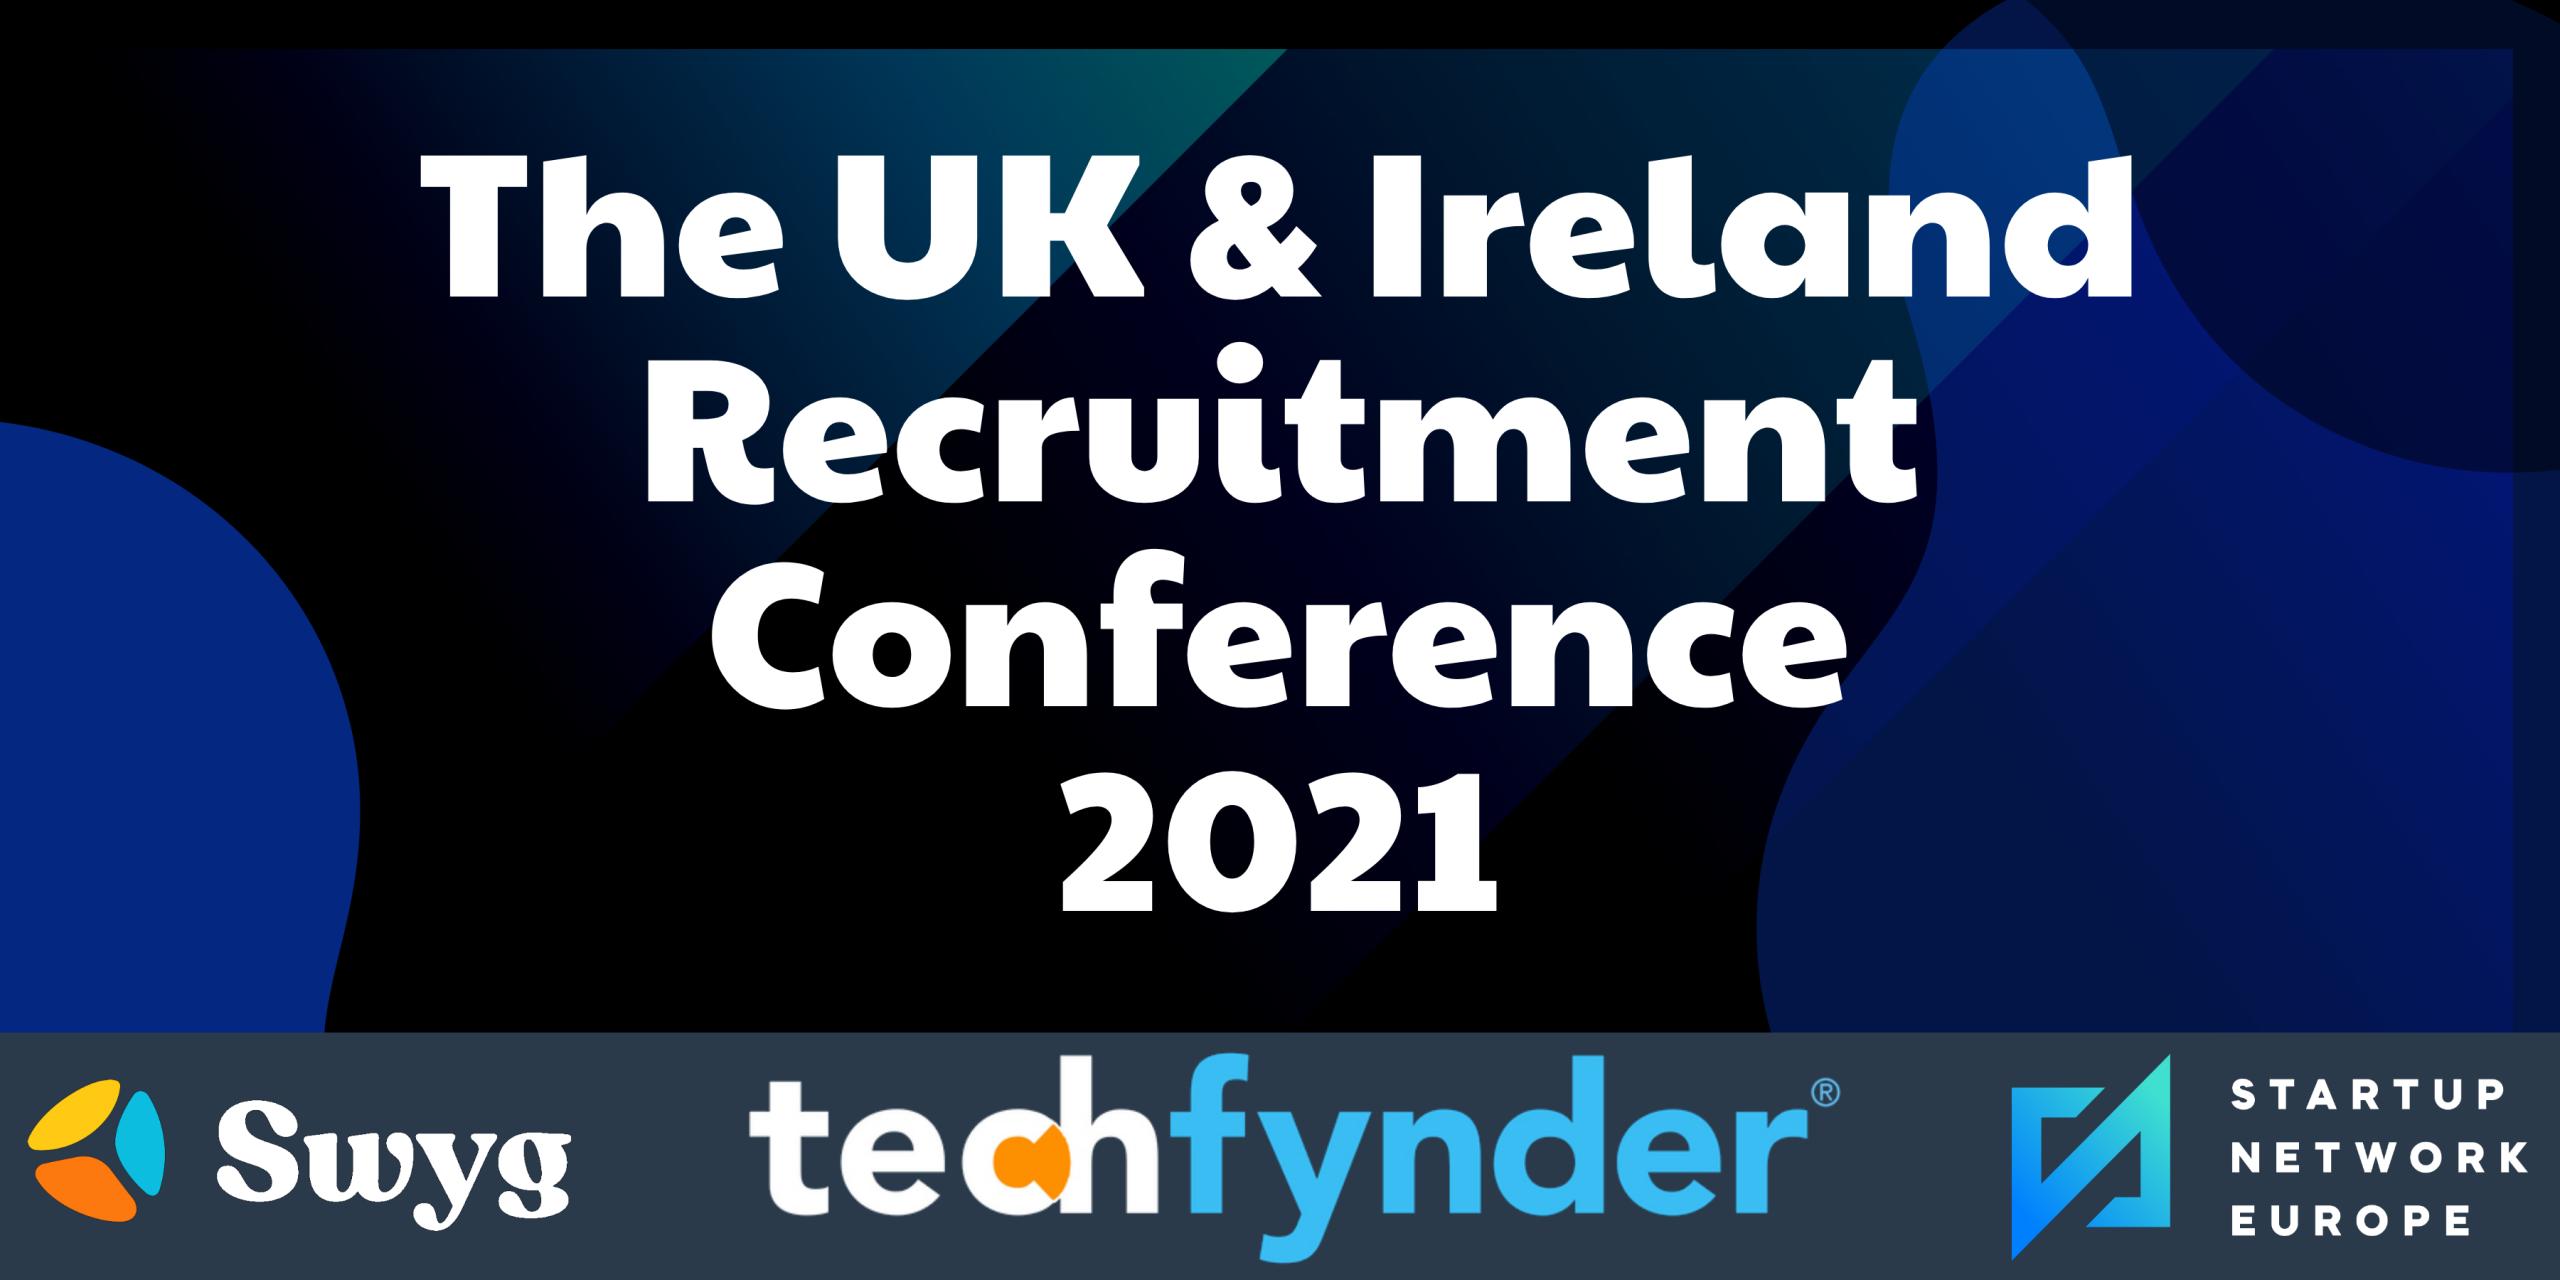 The UK & Ireland Recruitment Conference 2021